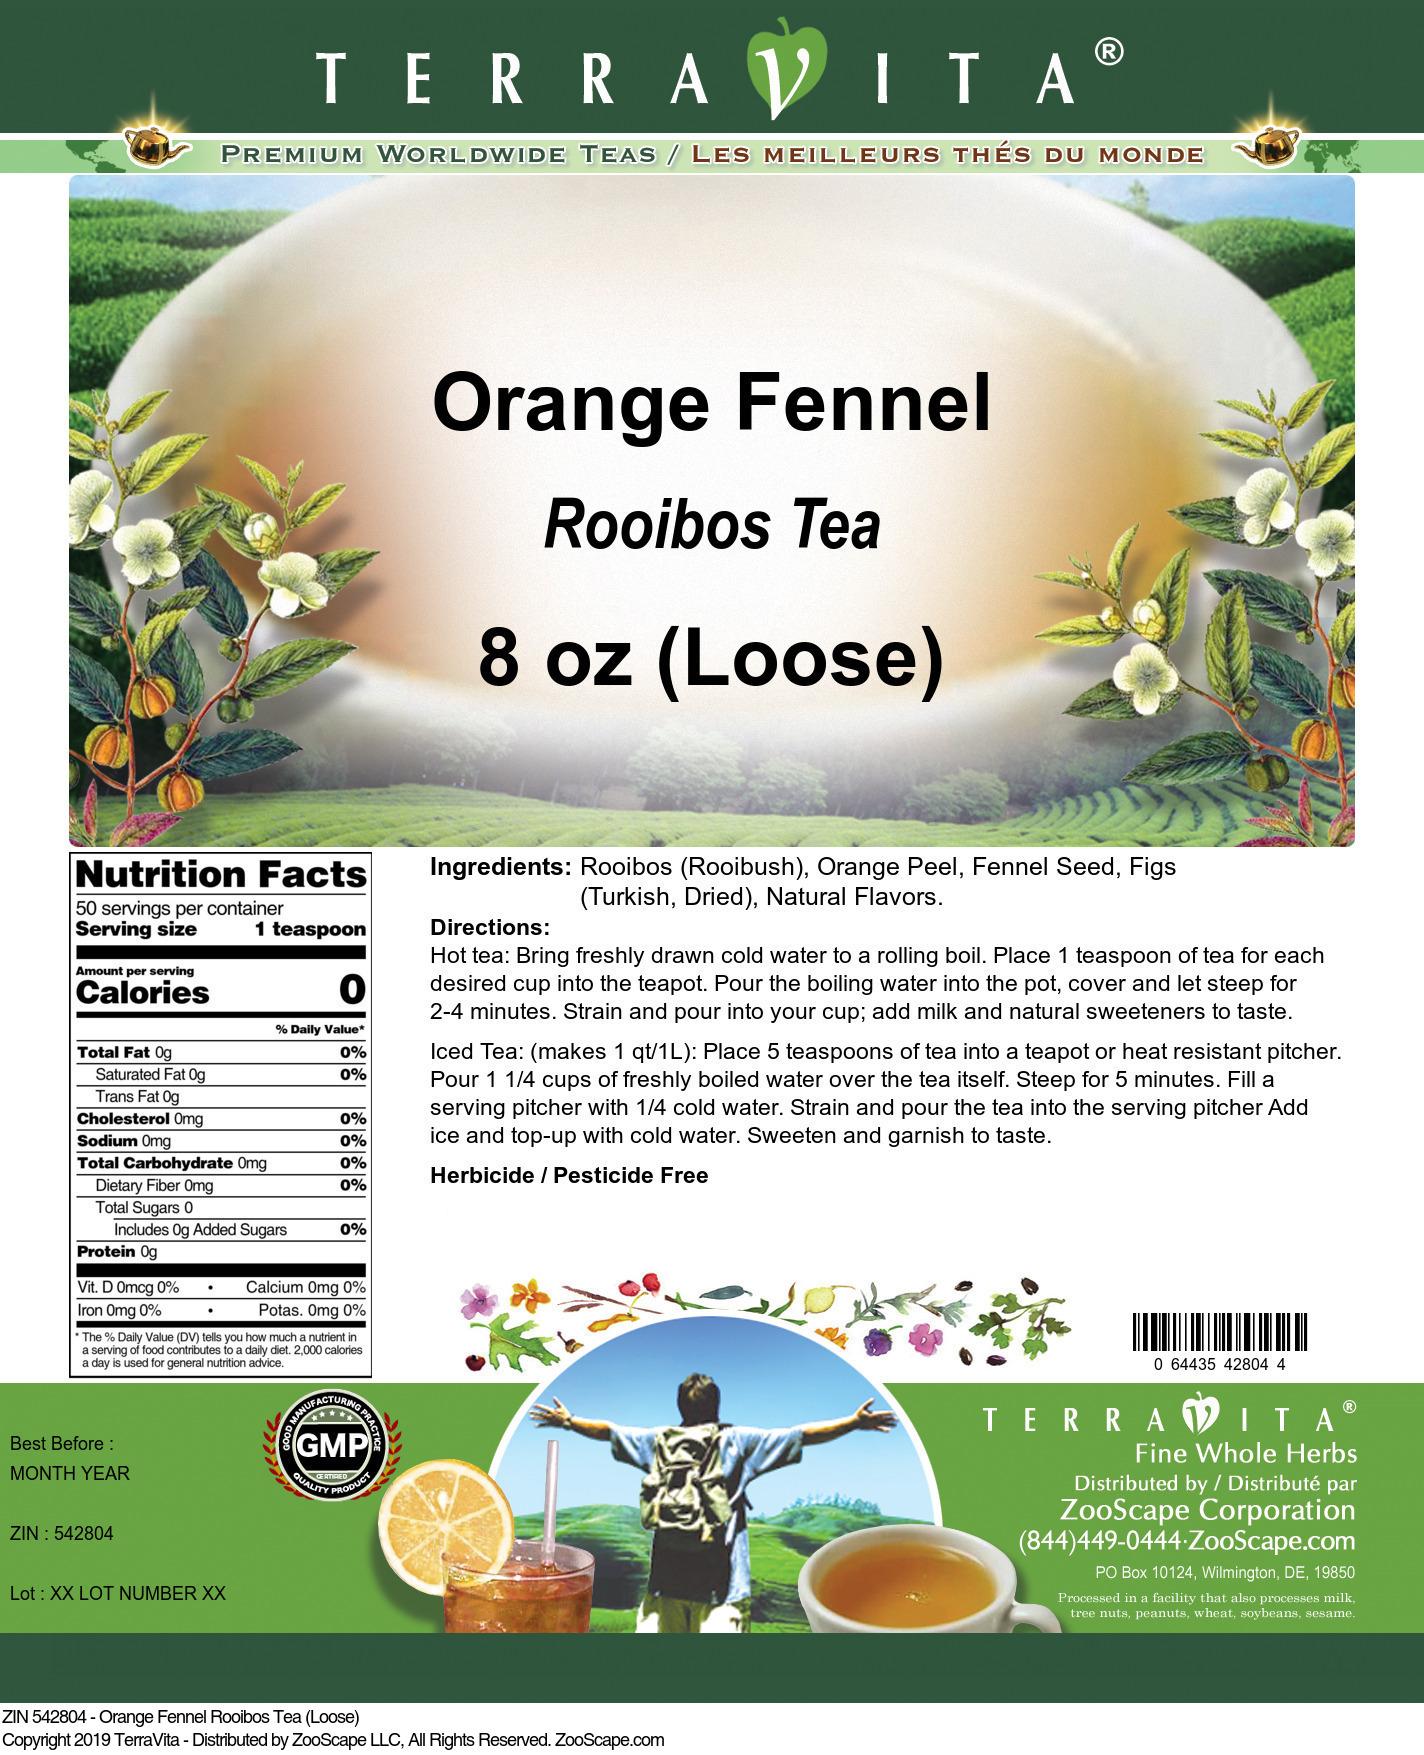 Orange Fennel Rooibos Tea